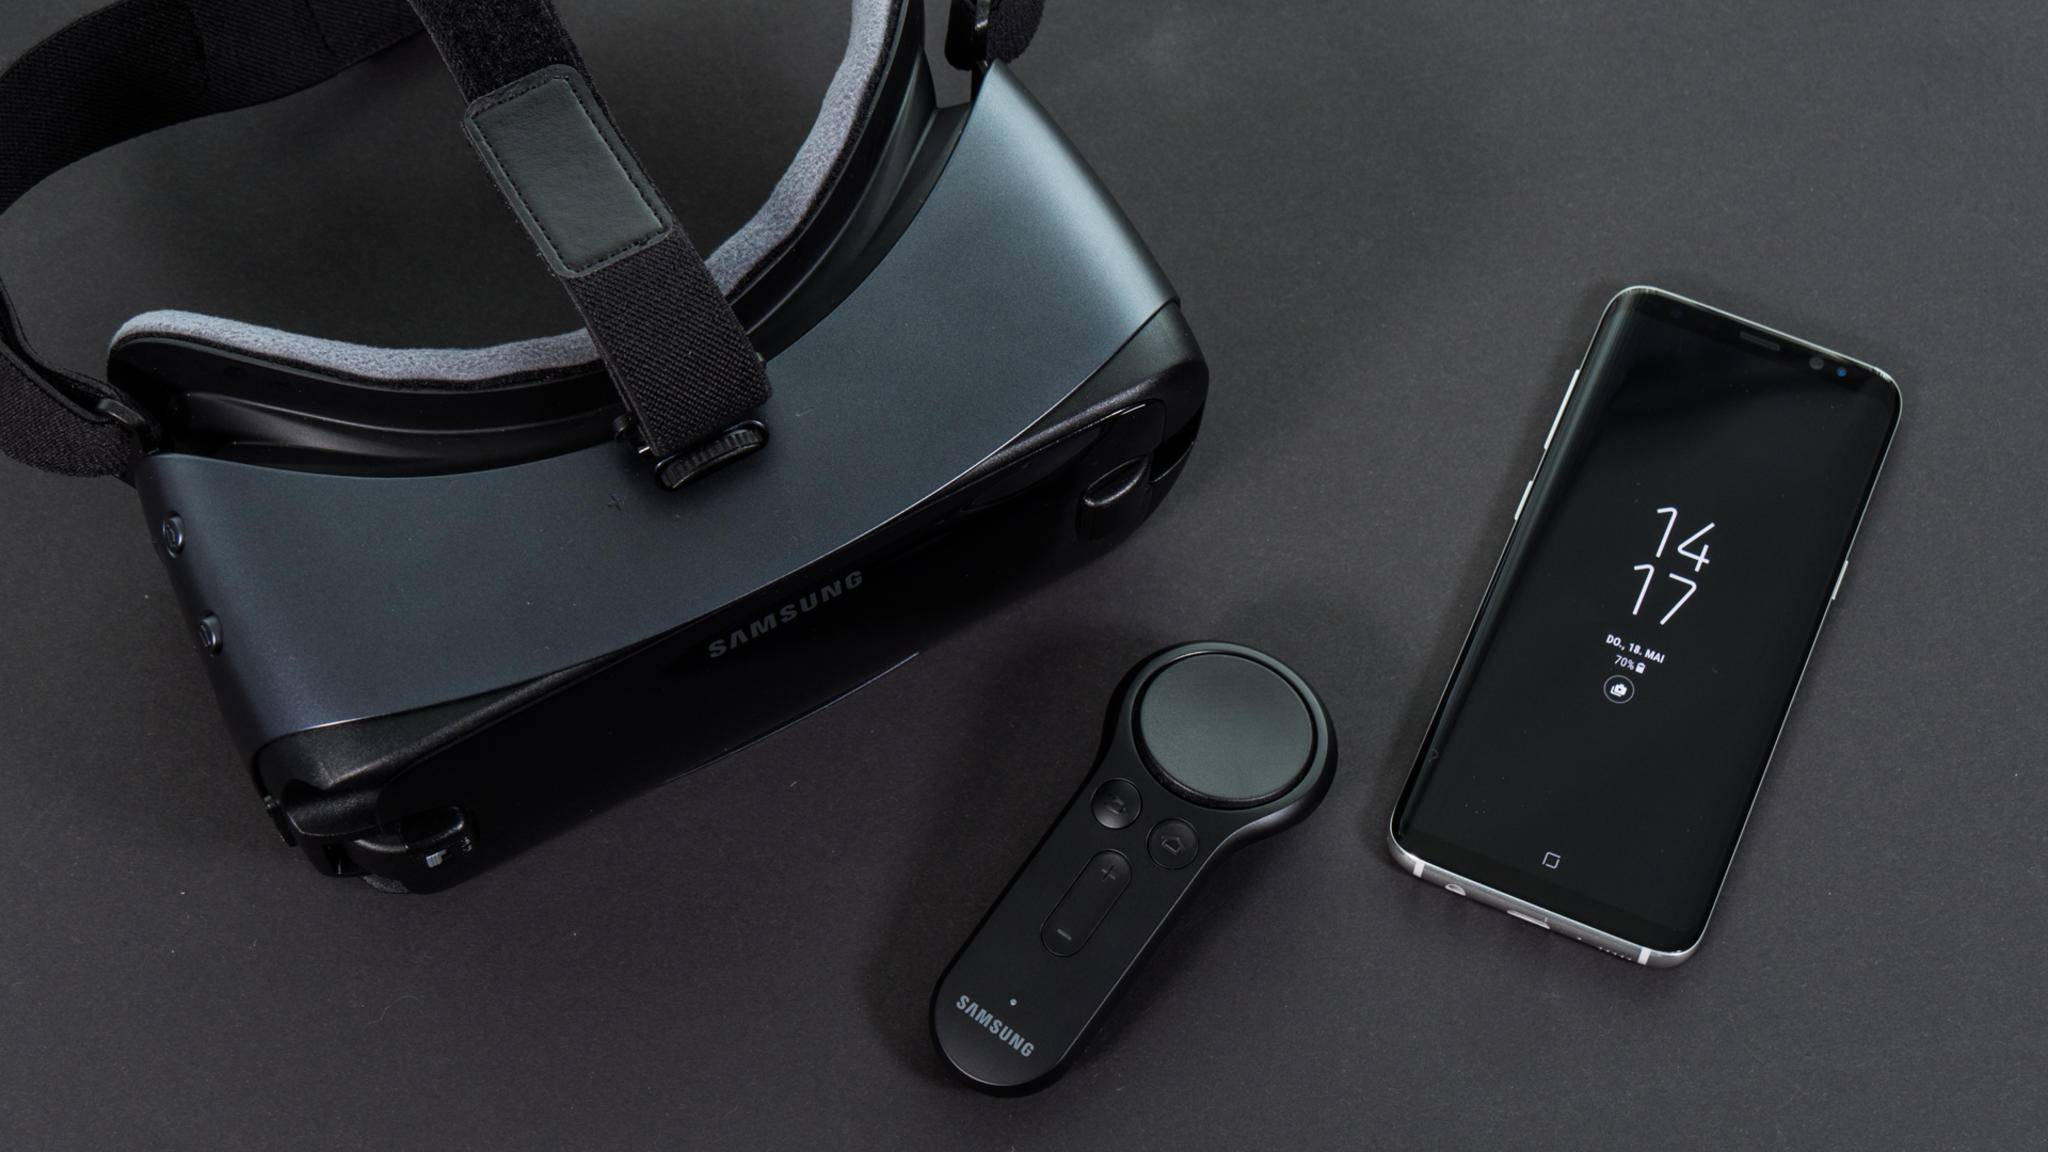 Sind Samsung Gear VR (2017), Controller und Galaxy S8 ein unschlagbares Trio für den VR-Einstieg?